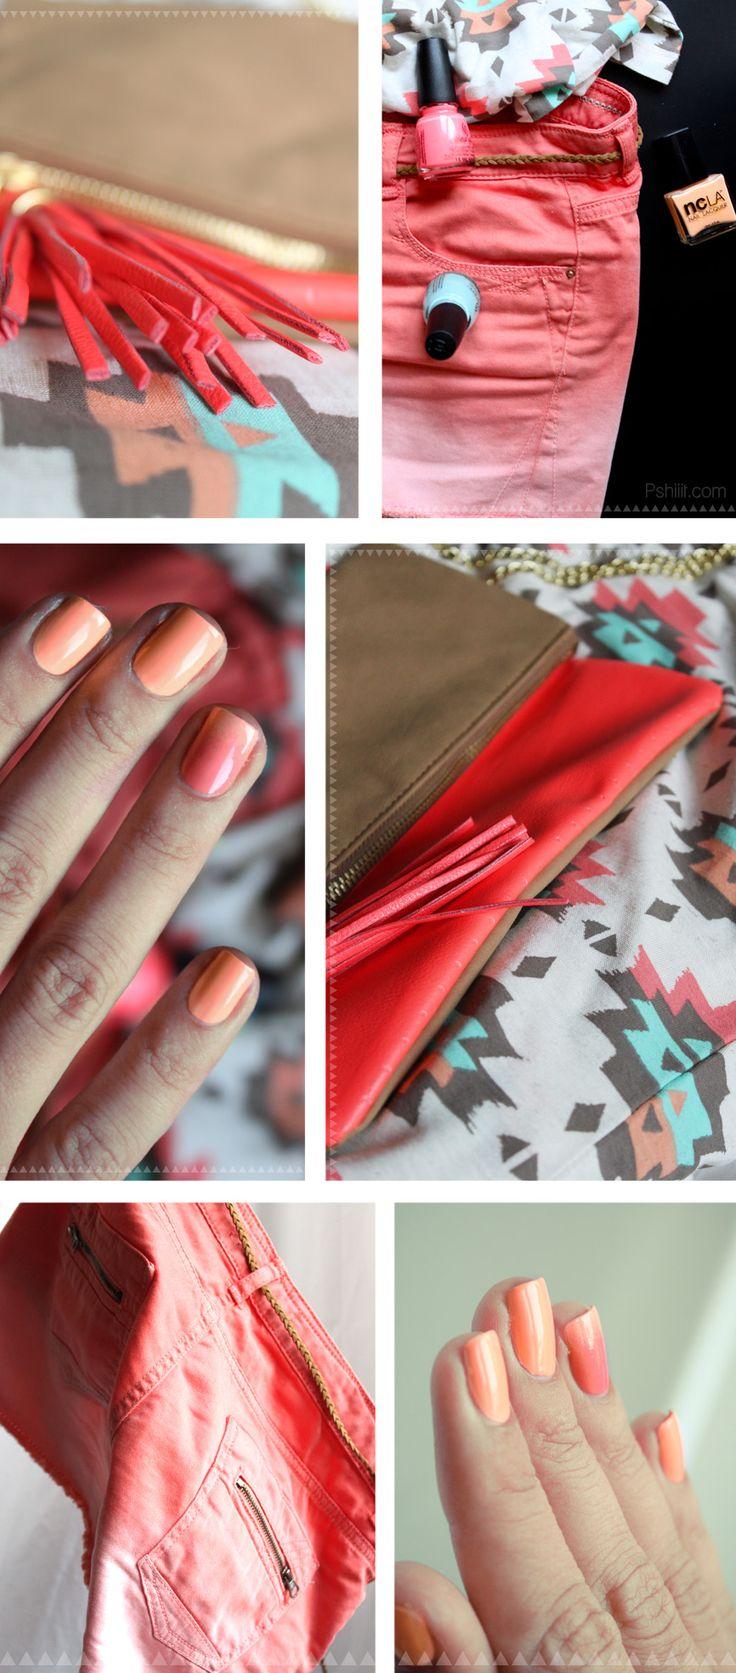 Un coucher de soleil sur mes ongles // Nfu Oh & NCLA // nails